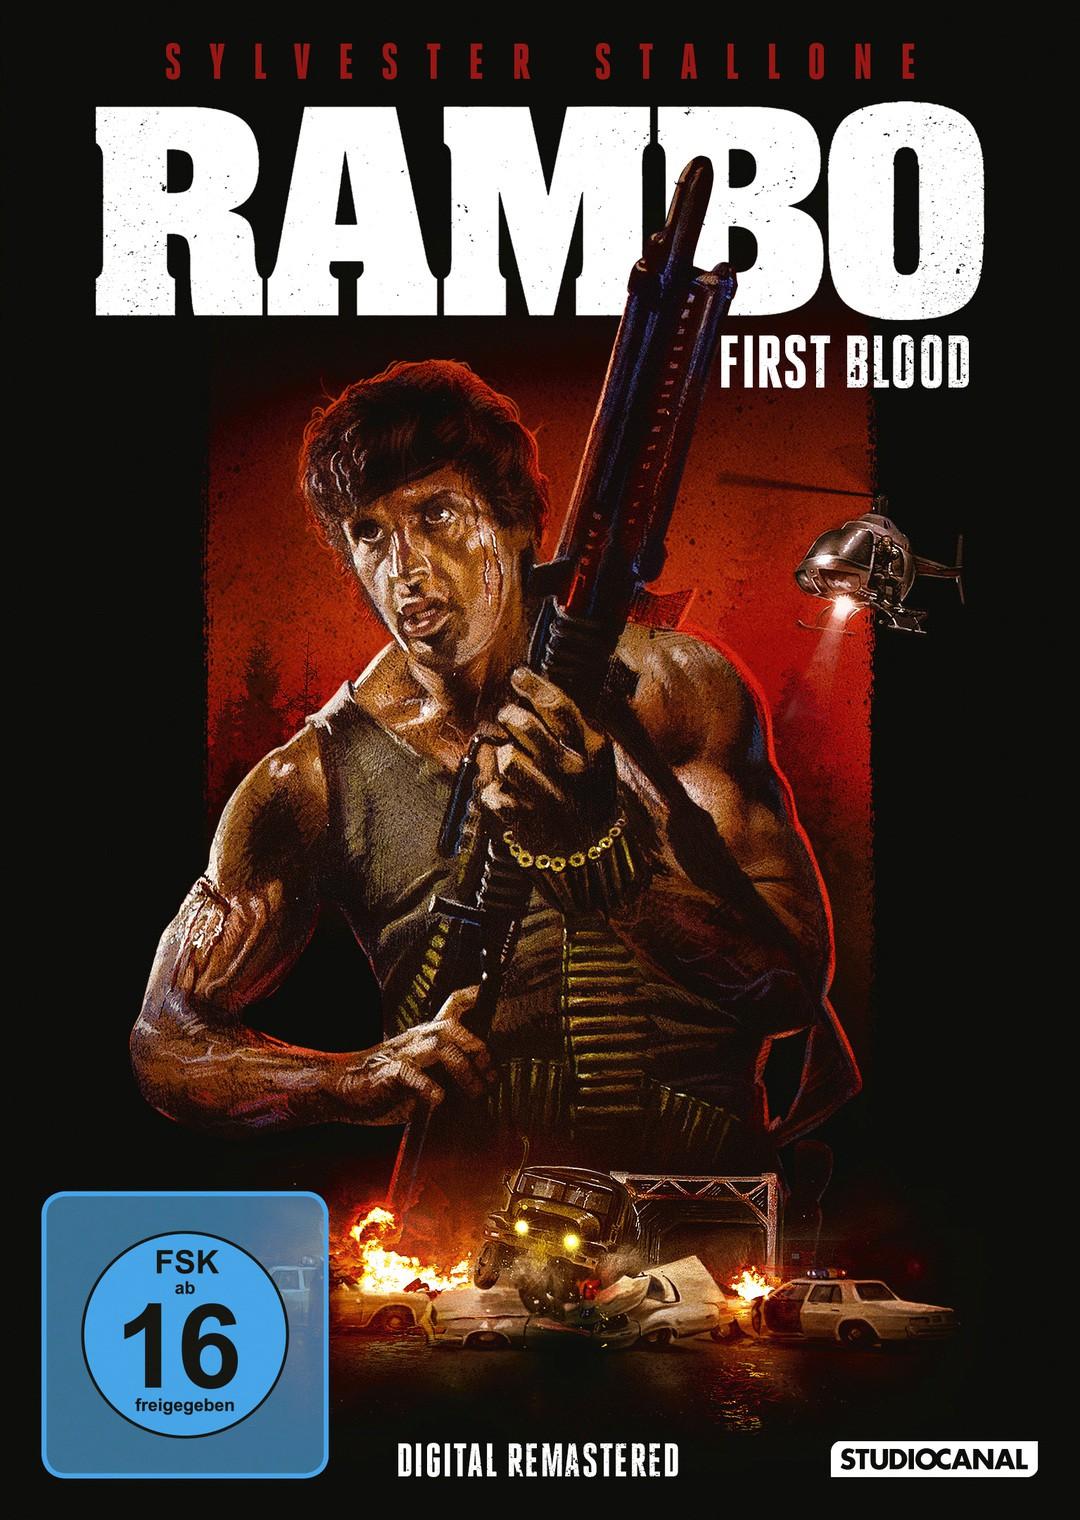 Rambo 1 Trailer - First Blood - Bild 1 von 4